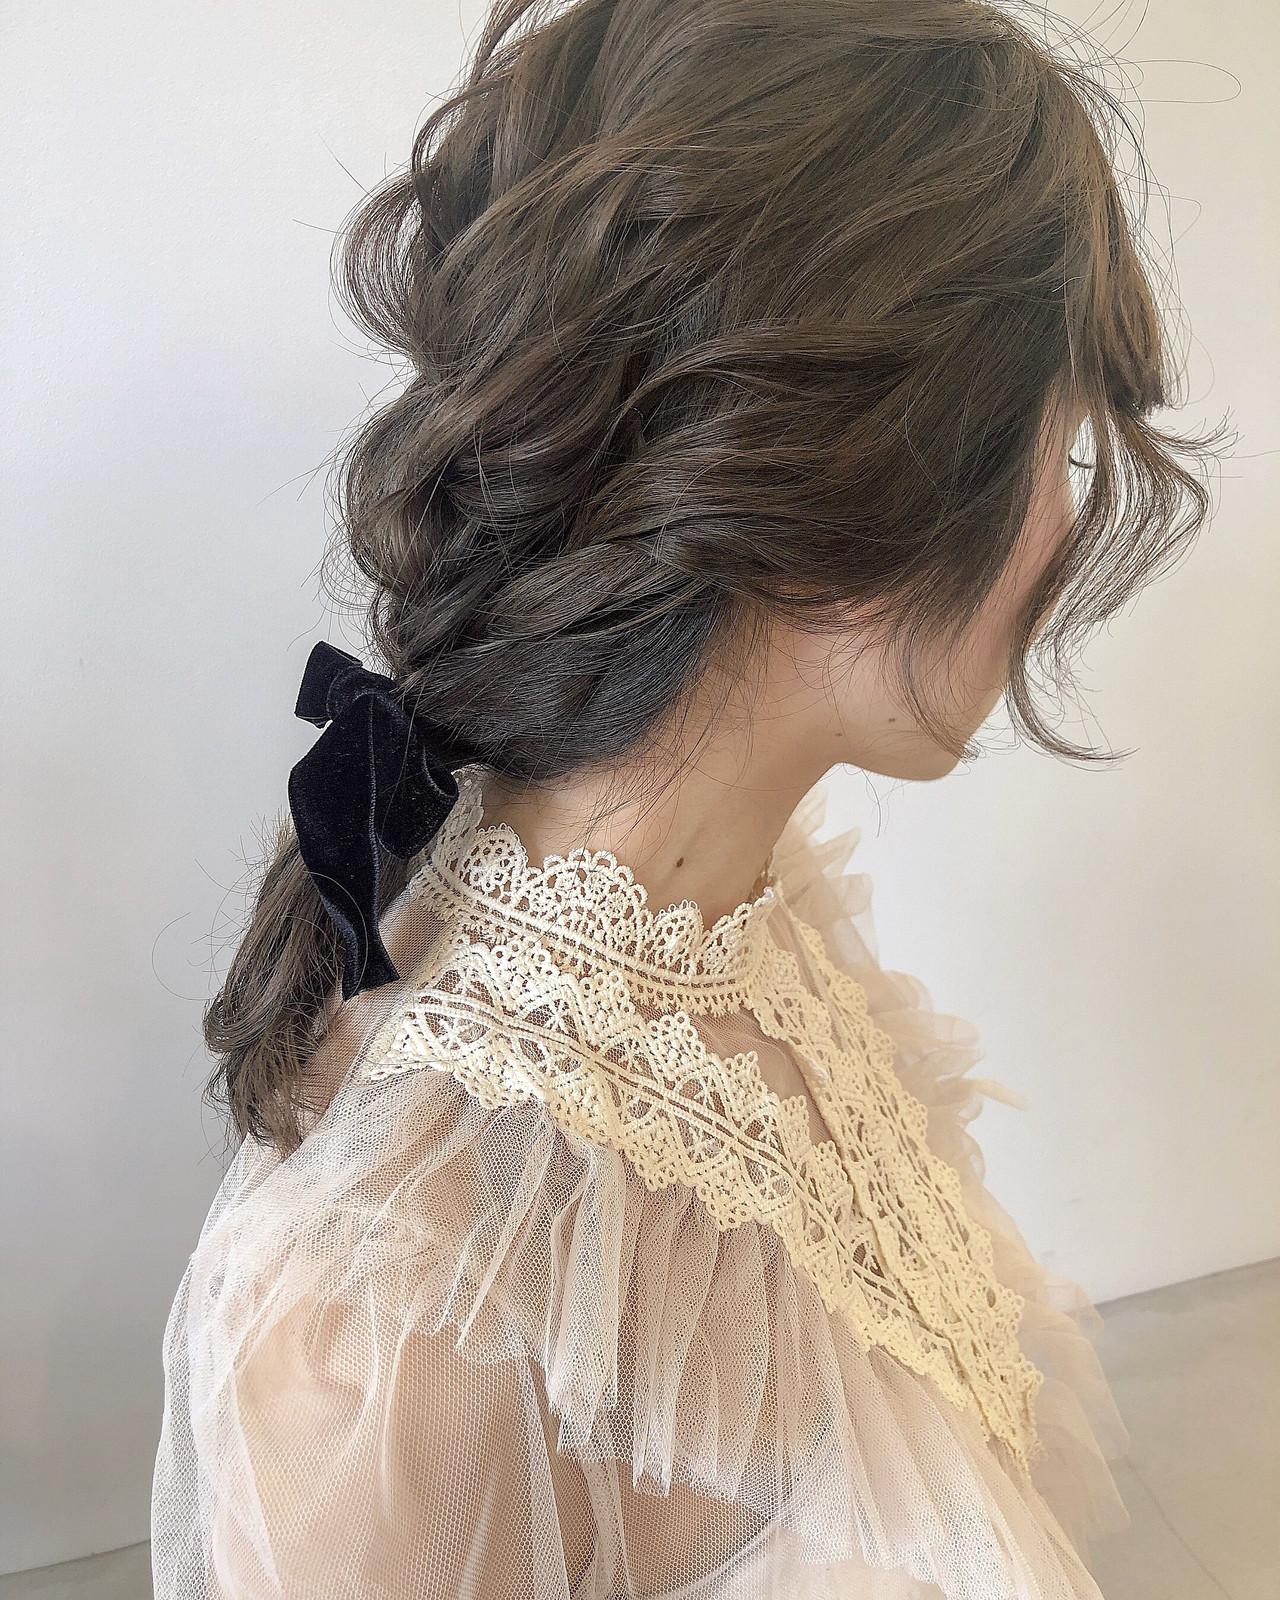 ミディアム ヘアアレンジ ベージュ 編みおろし ヘアスタイルや髪型の写真・画像